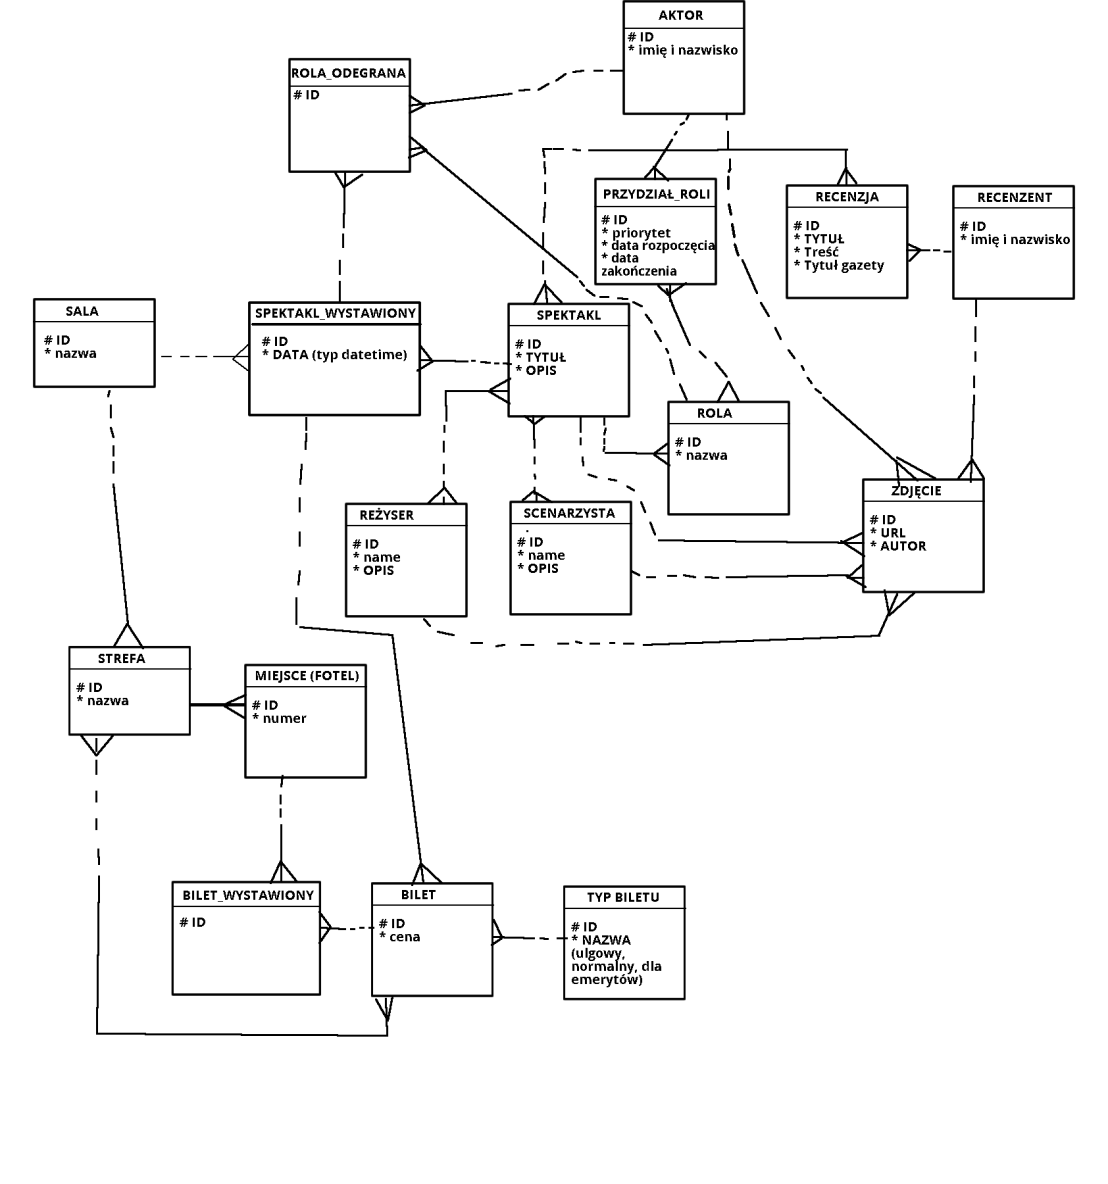 schemat_bazy_danych